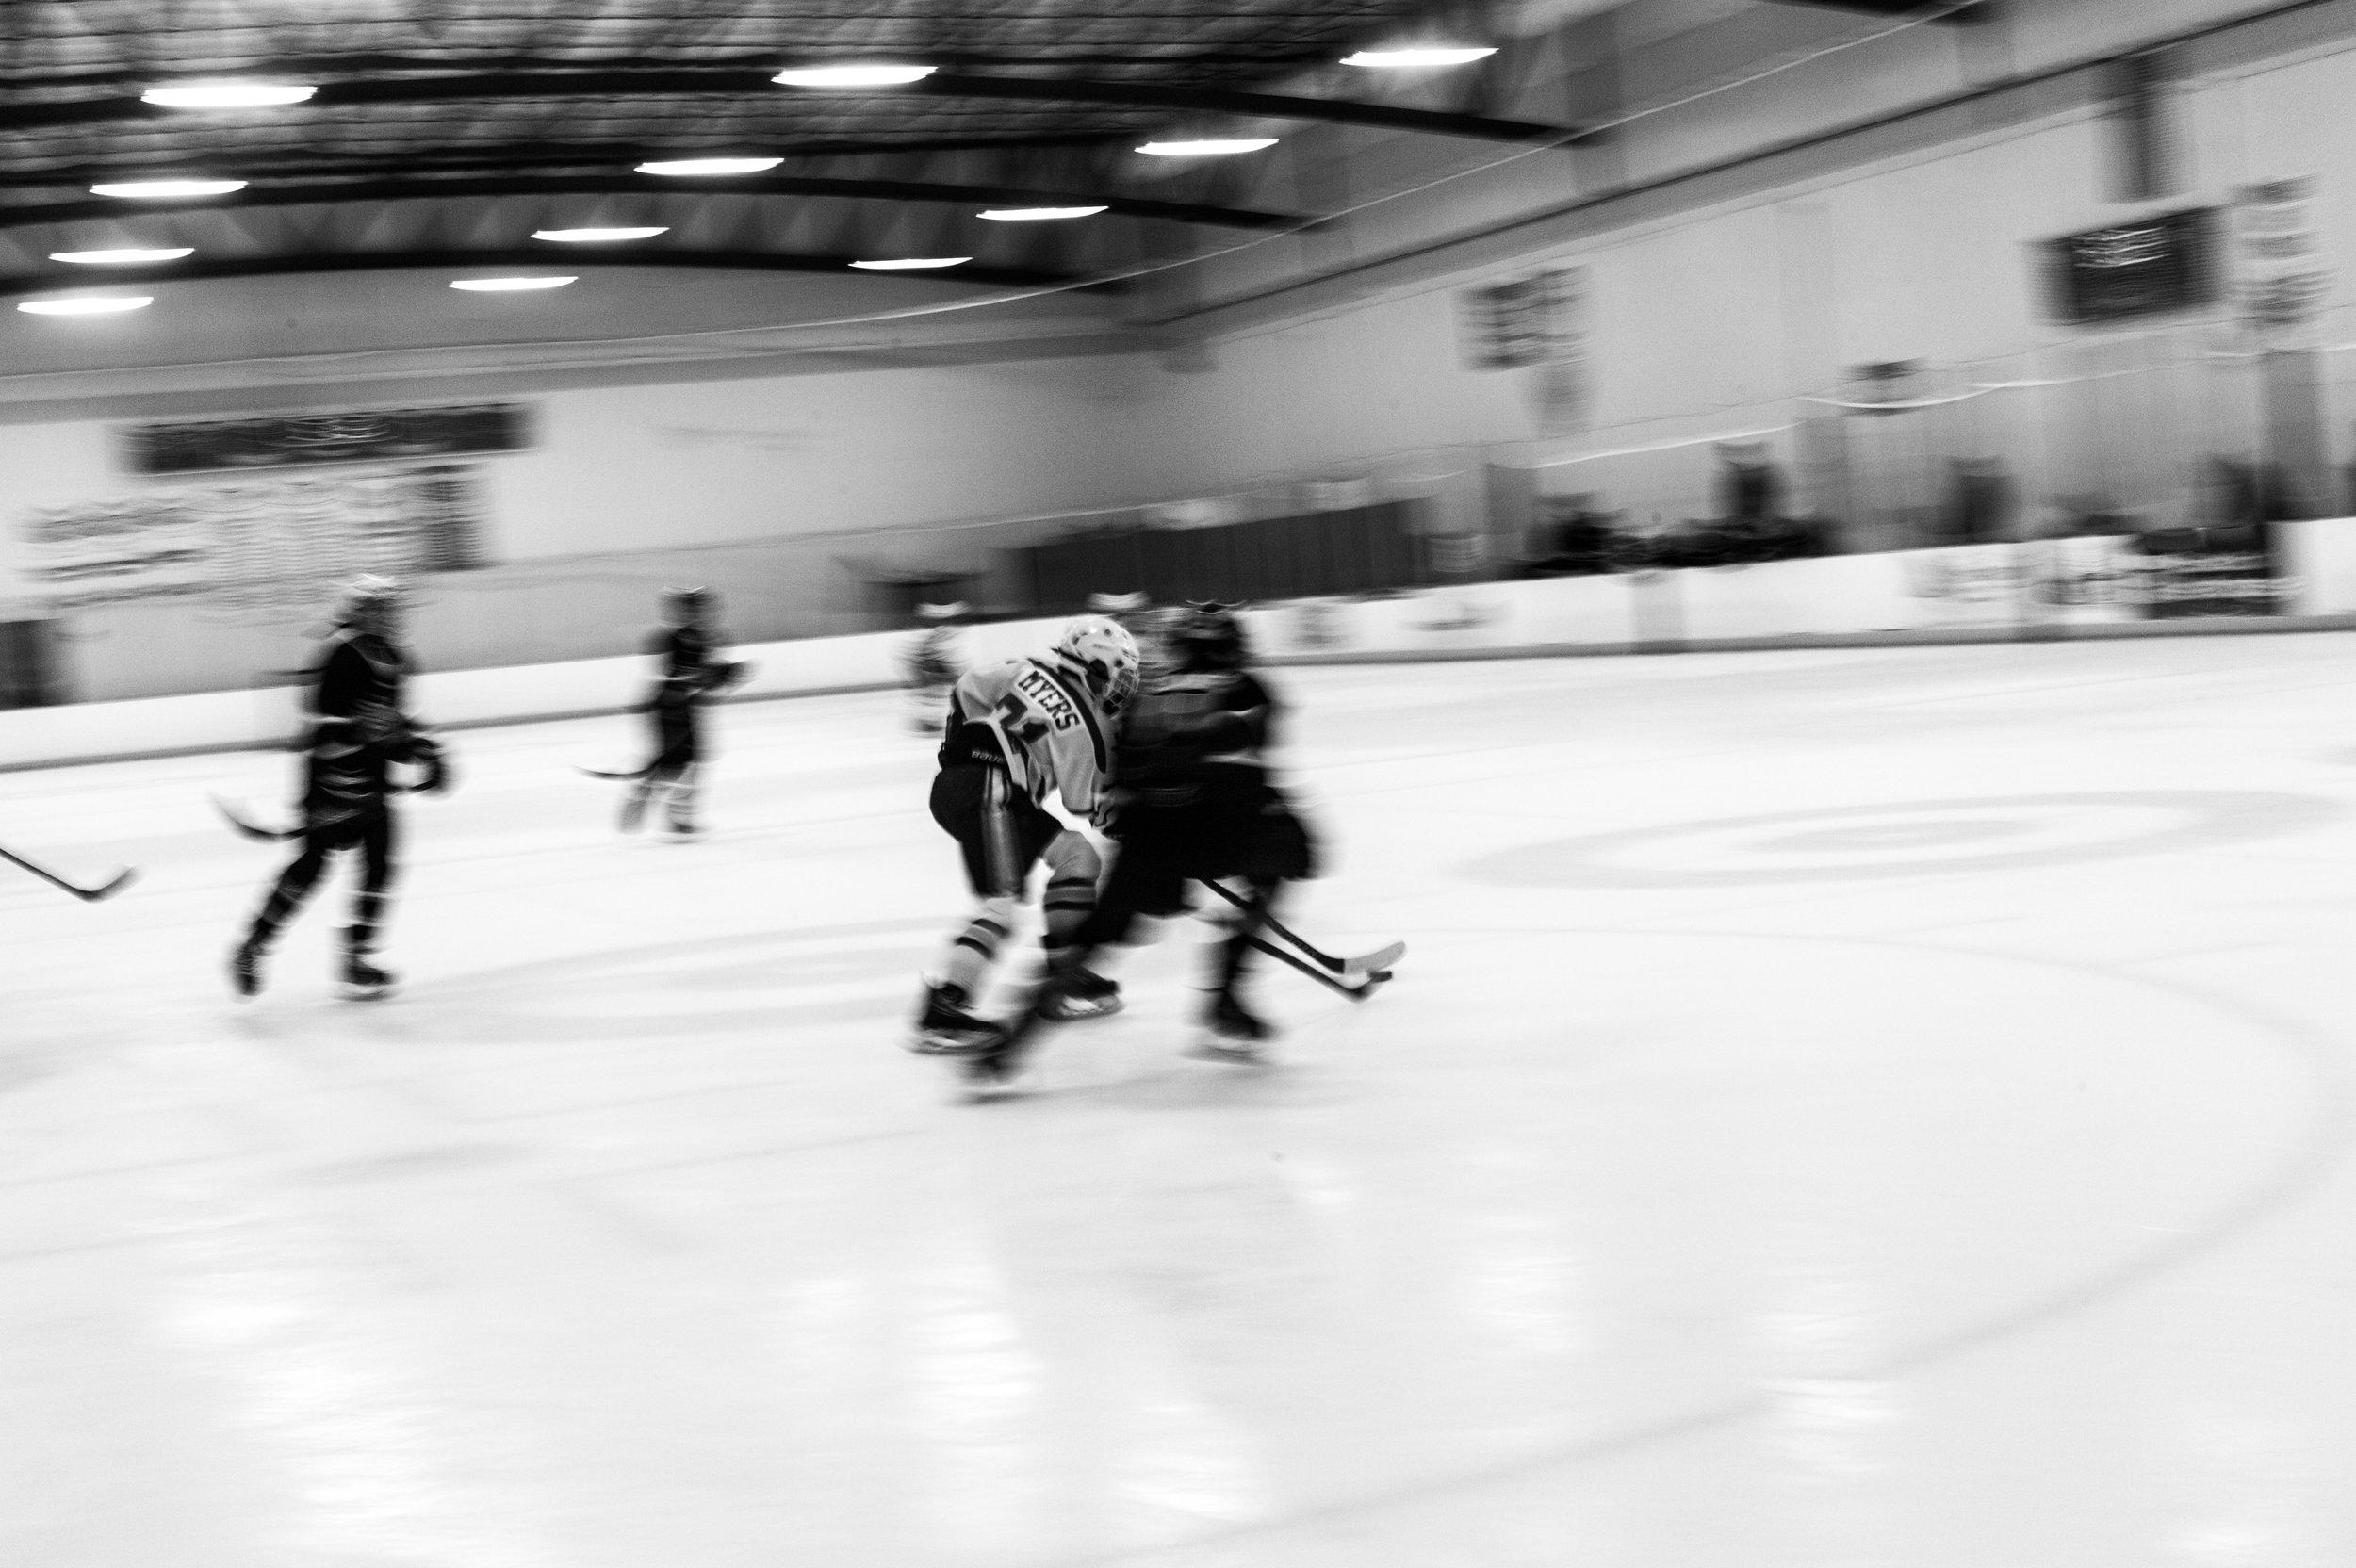 ice_hockey-015.jpg